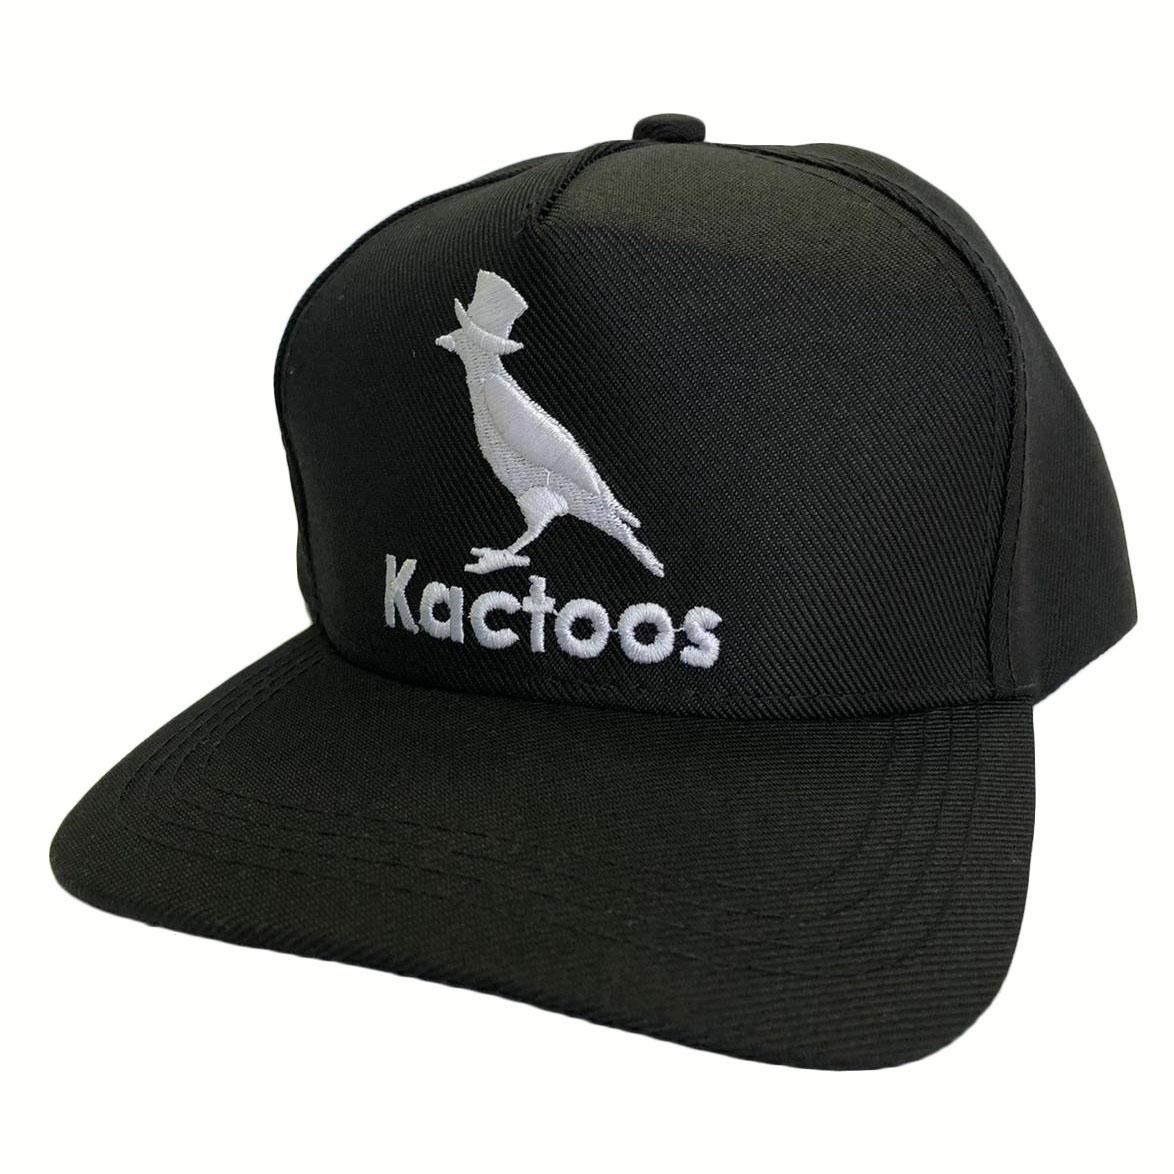 Boné Preto  - Kactoos